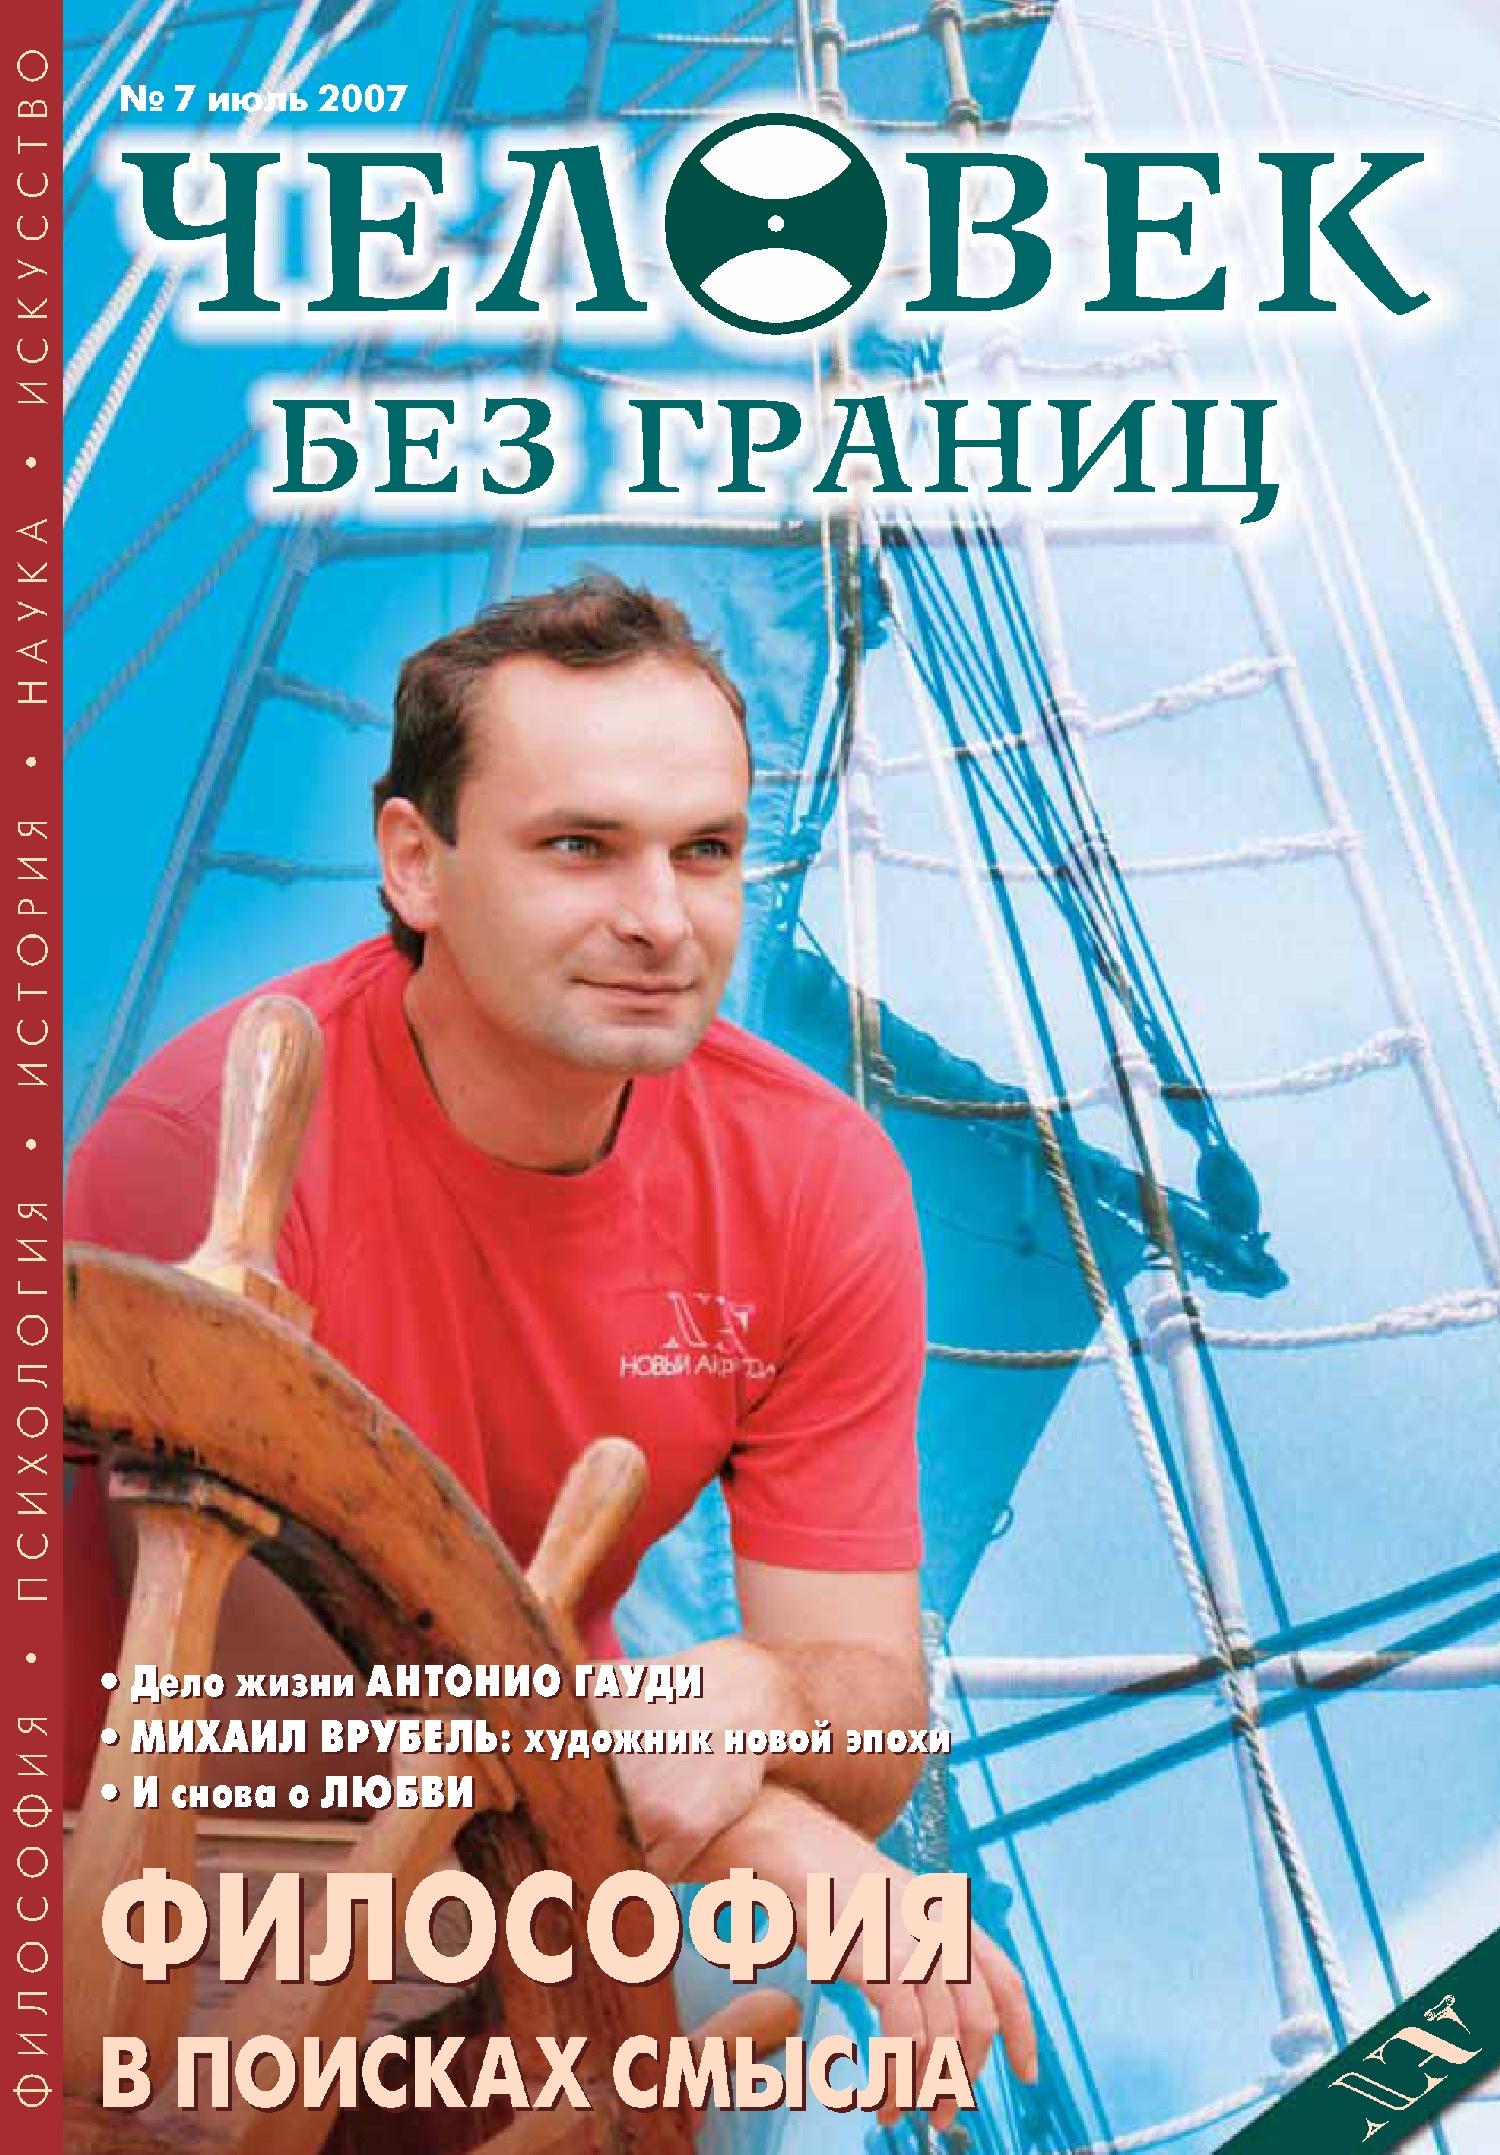 Отсутствует Журнал «Человек без границ» №7 (20) 2007 отсутствует журнал человек без границ 2 03 2006